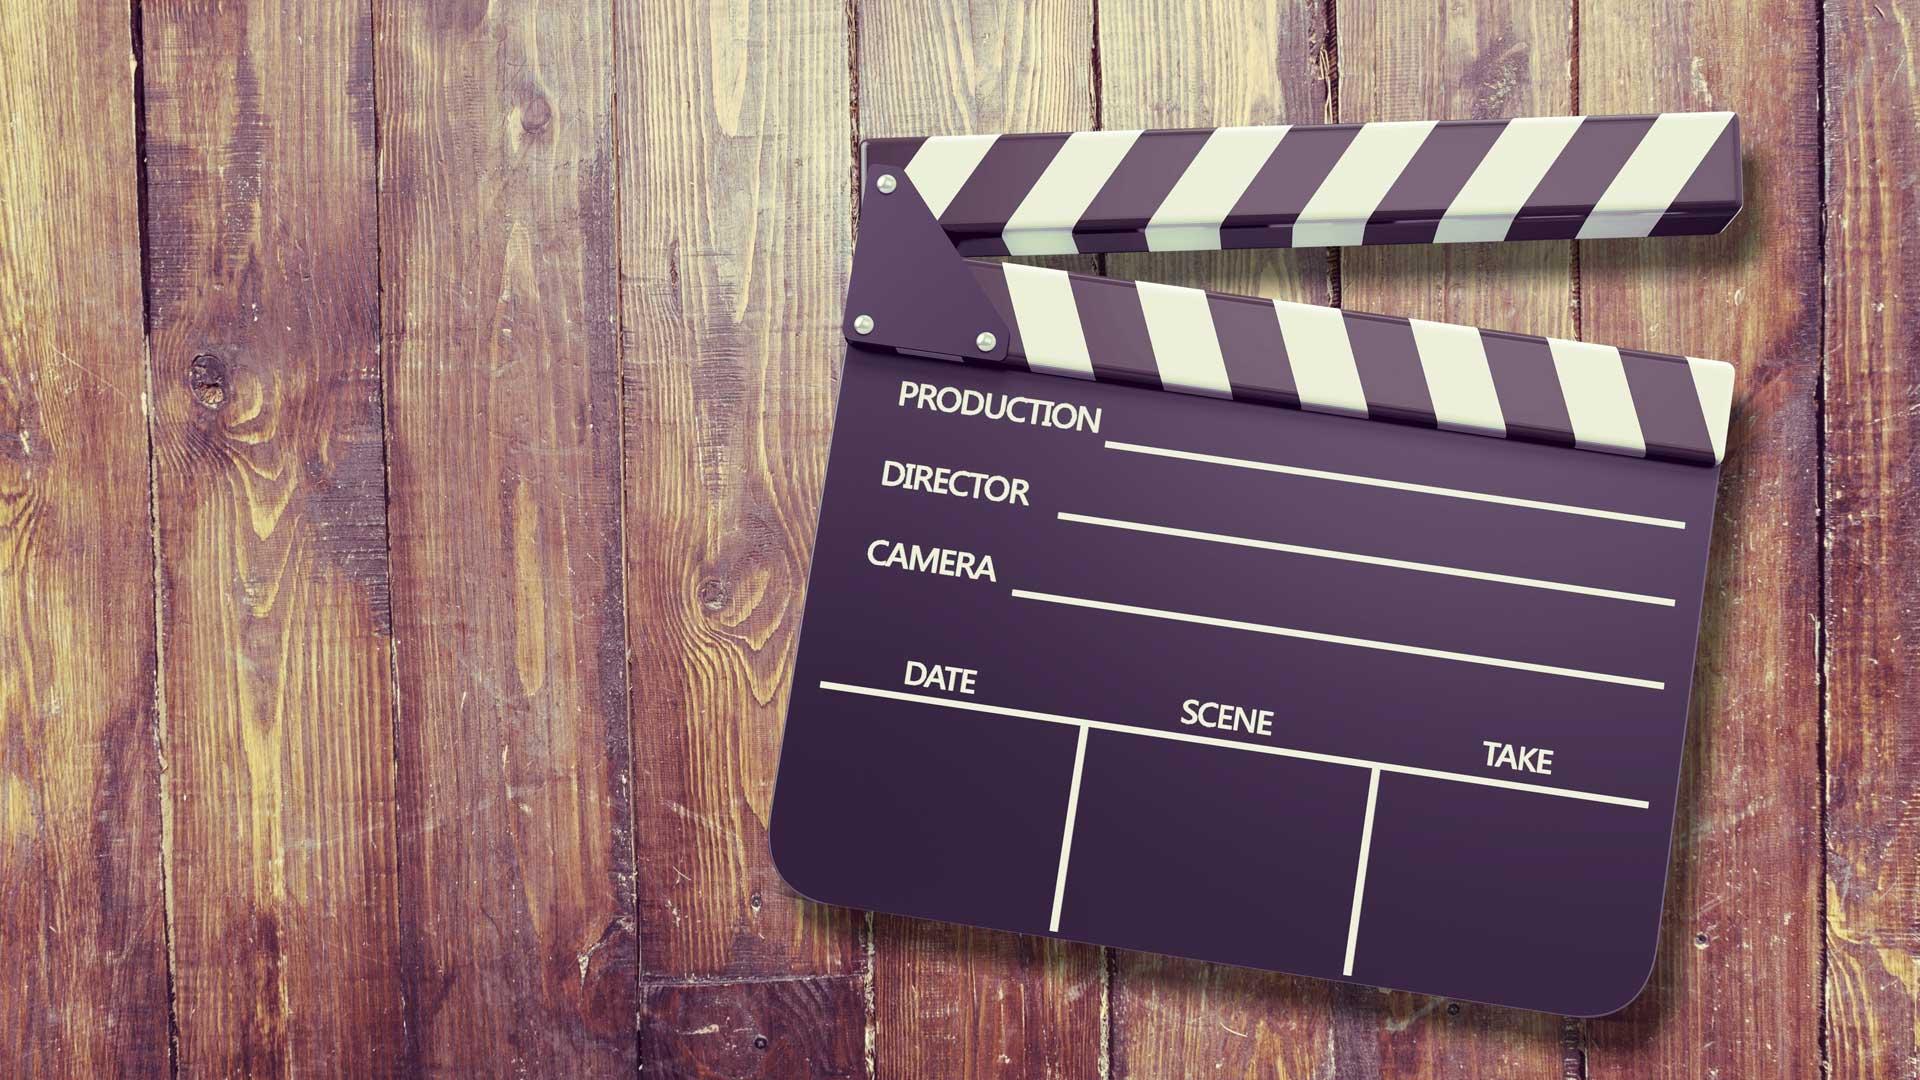 Film Setlerinde Bir Gezintiye Çıkıyoruz